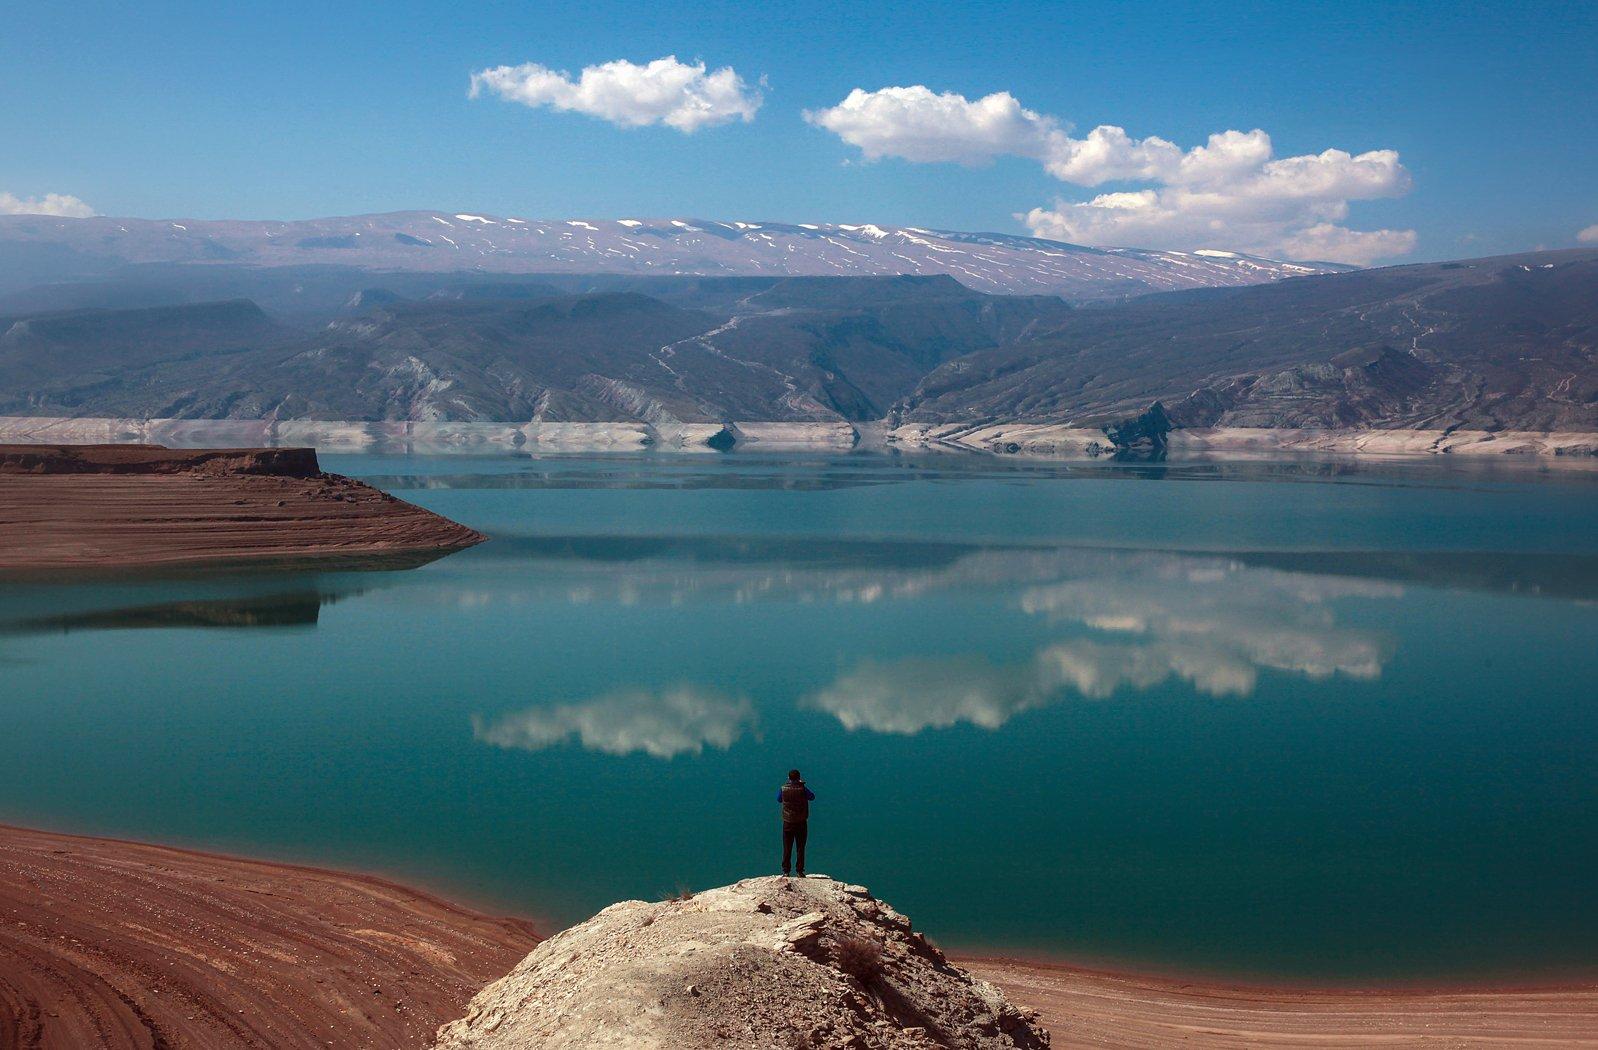 ирганайское водохранилище,горы,дагестан,,пейзаж, Magov Marat